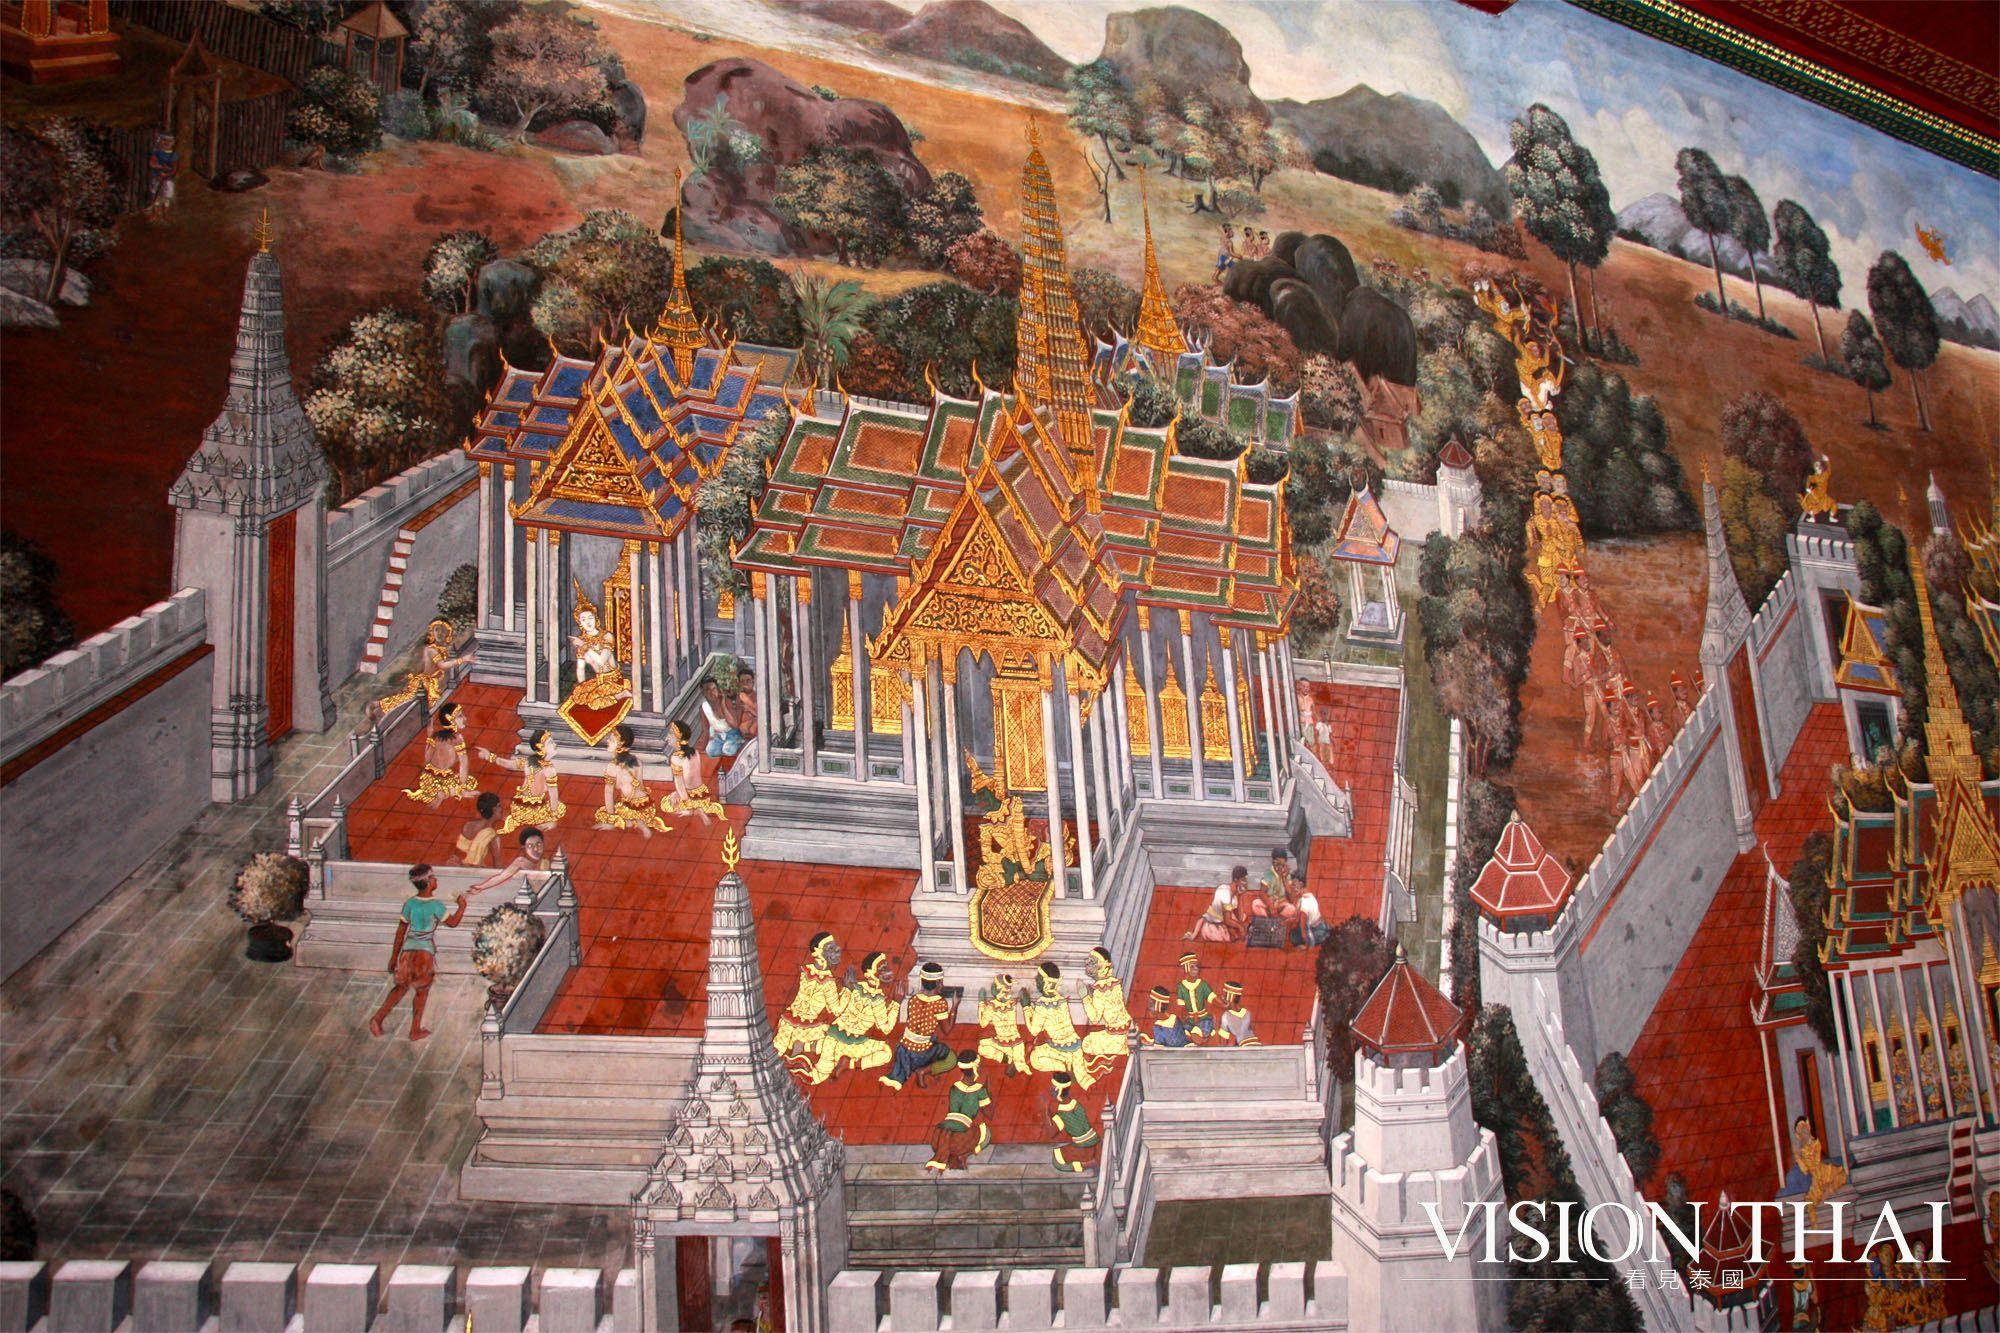 曼谷玉佛寺 Wat Phra Kaew 供奉至尊國寶玉佛 探索泰國佛寺的最高殿堂